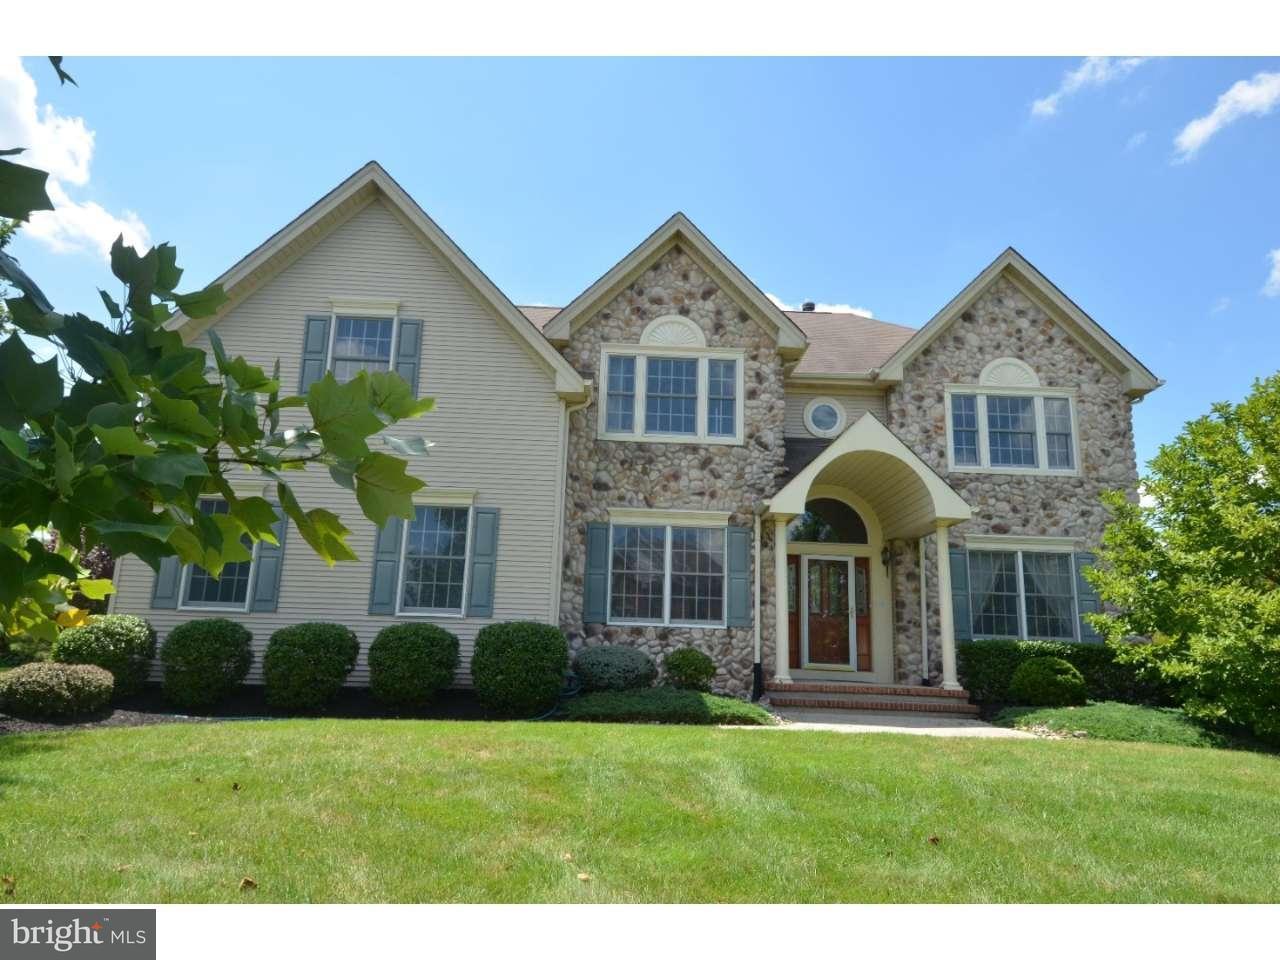 Maison unifamiliale pour l à louer à 7 CLYDESDALE Court Plainsboro, New Jersey 08536 États-UnisDans/Autour: Plainsboro Township